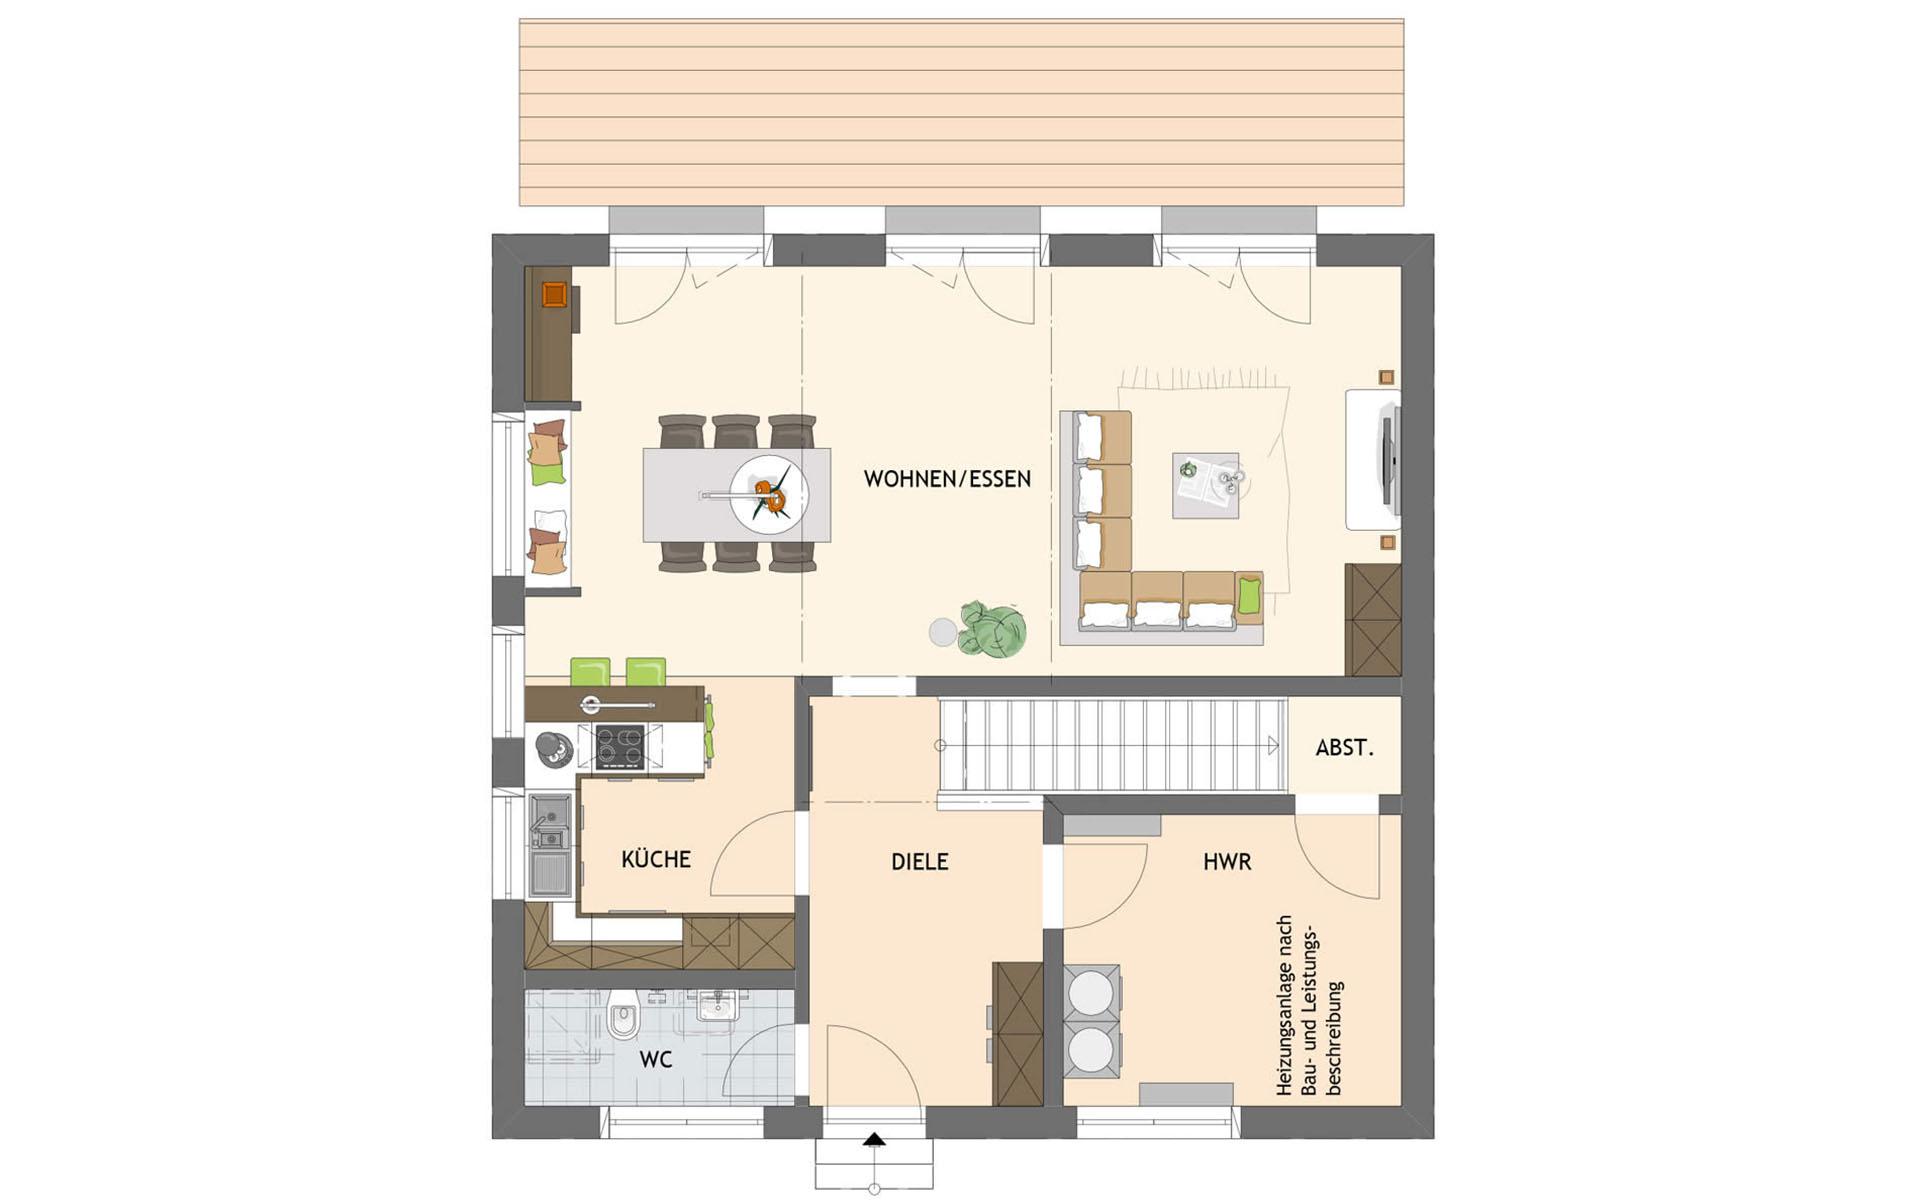 Erdgeschoss SENTO 301 A S130 von FingerHaus GmbH